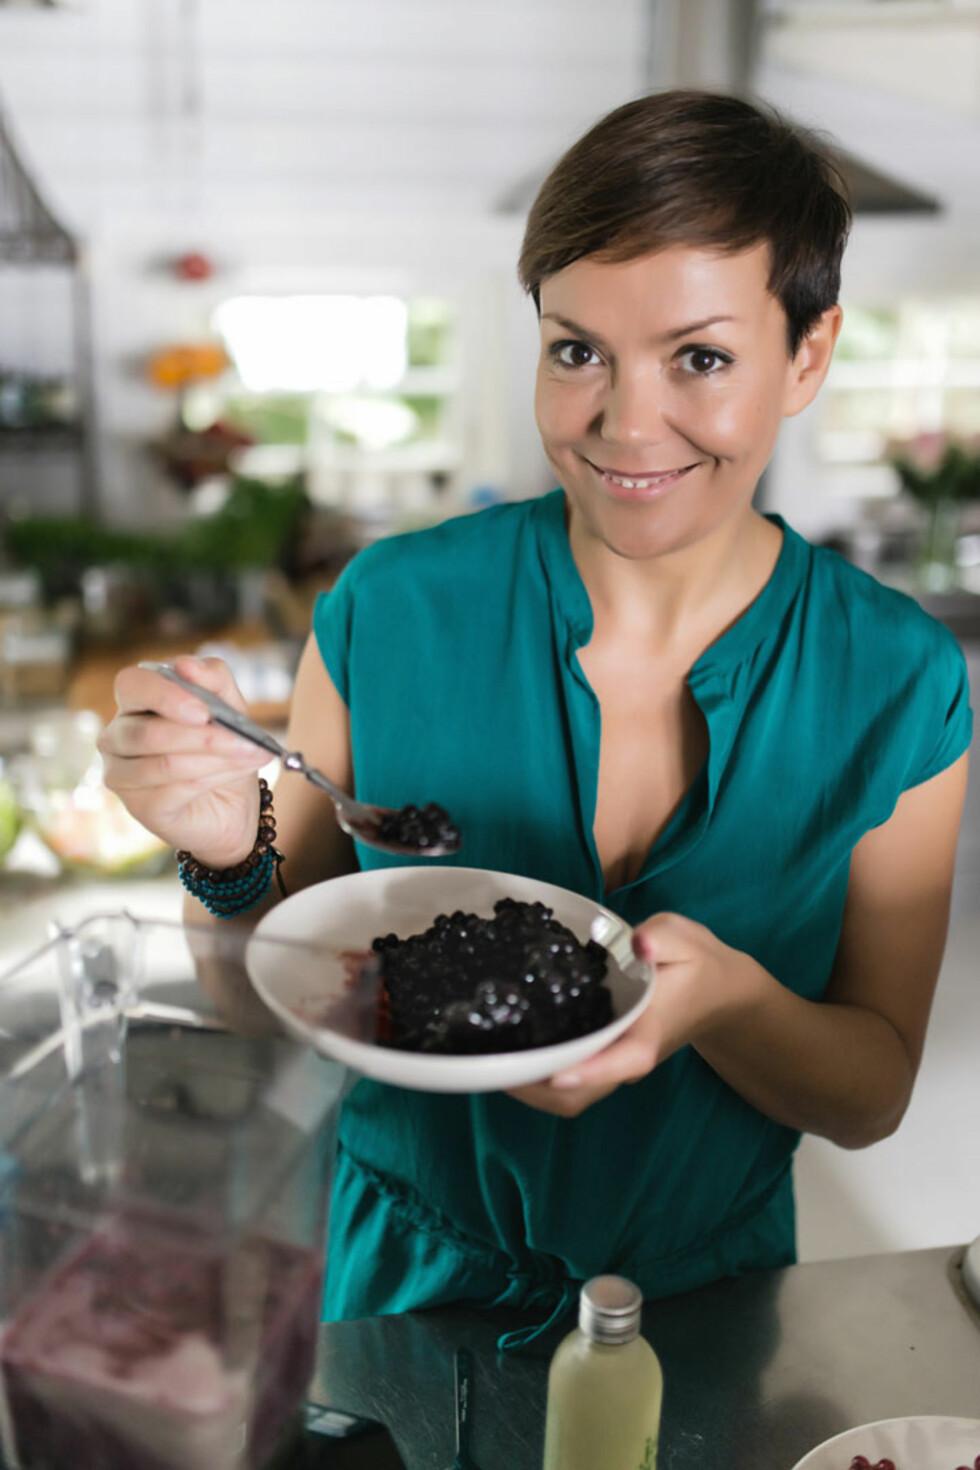 ENTUSIAST: Trine Berge er en av Norges fremste livsstilsveiledere innen supermat og raw food, og er medforfatter av flere bøker innenfor området. Foto: Trine Berge, Cappelen Damm